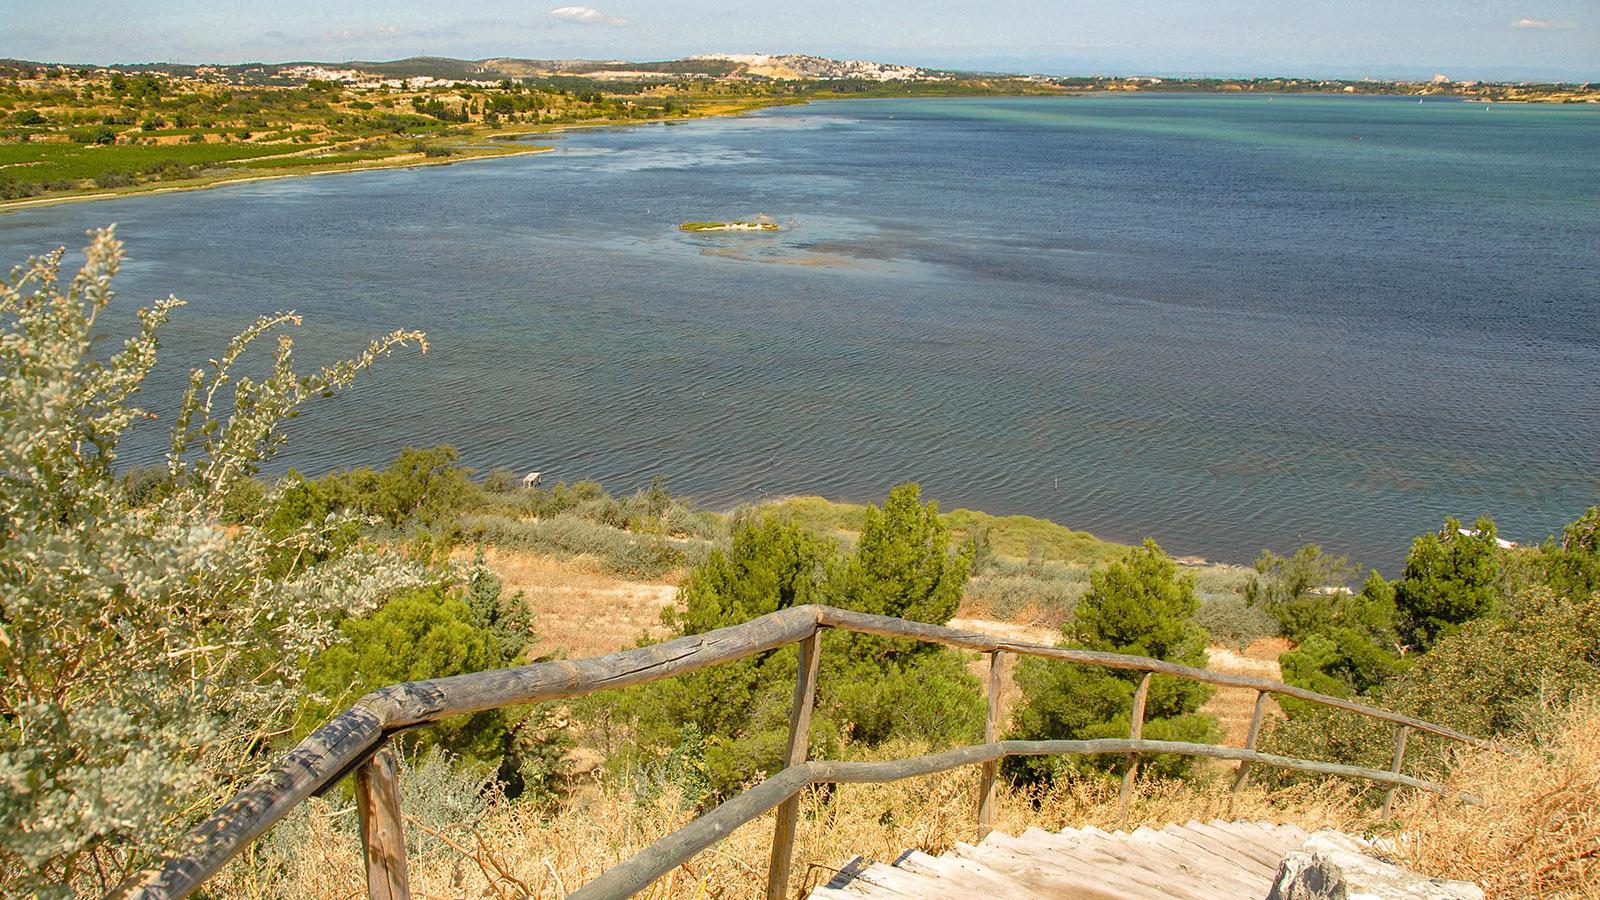 Blick auf den Étang de Bages vom Felskegel des Fischerortes. Foto: Hilke Maunder